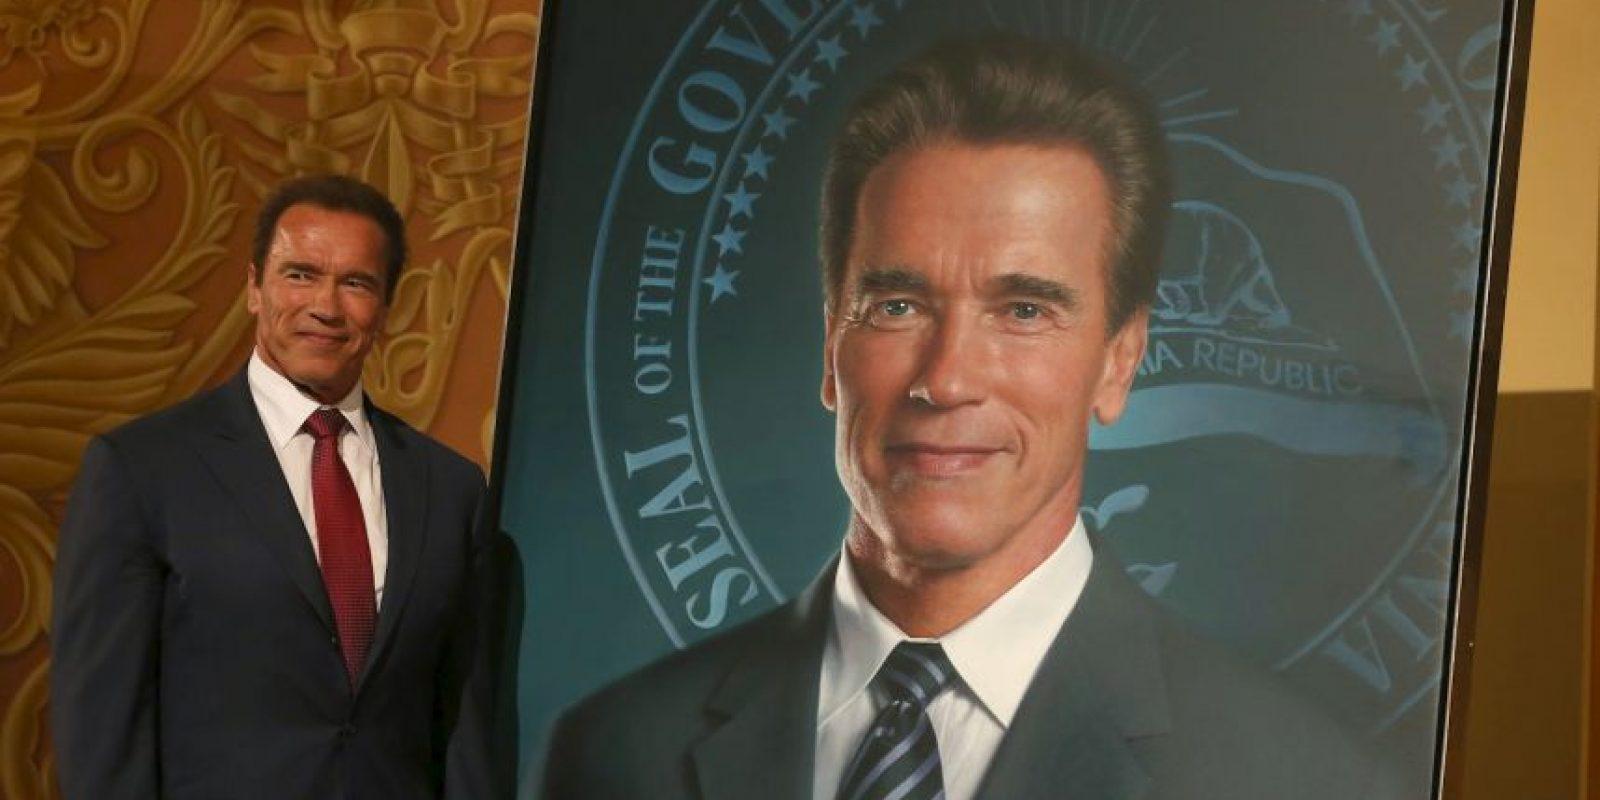 """El actor y candidato defendió la marihuana con el argumento: """"Es una planta, no una droga"""" Foto:Getty Images"""